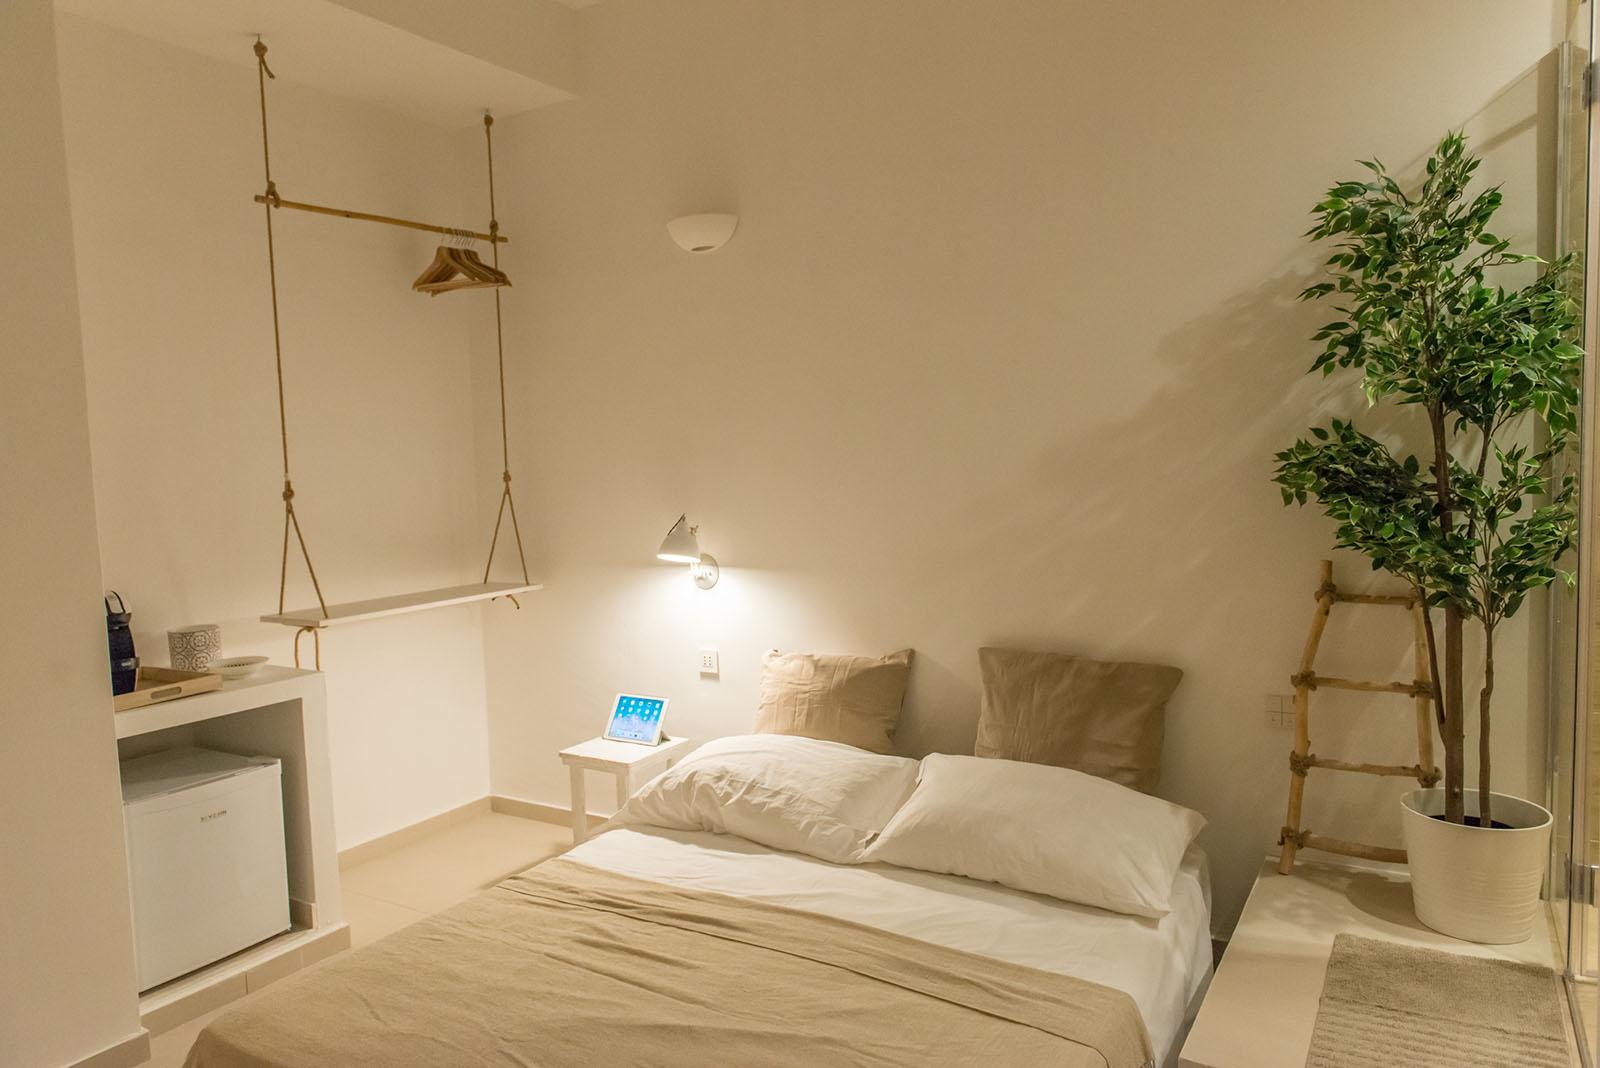 1 bed and breakfast agropoli progettazione architettonica domotica salerno break for two mare nest room 2 b&b